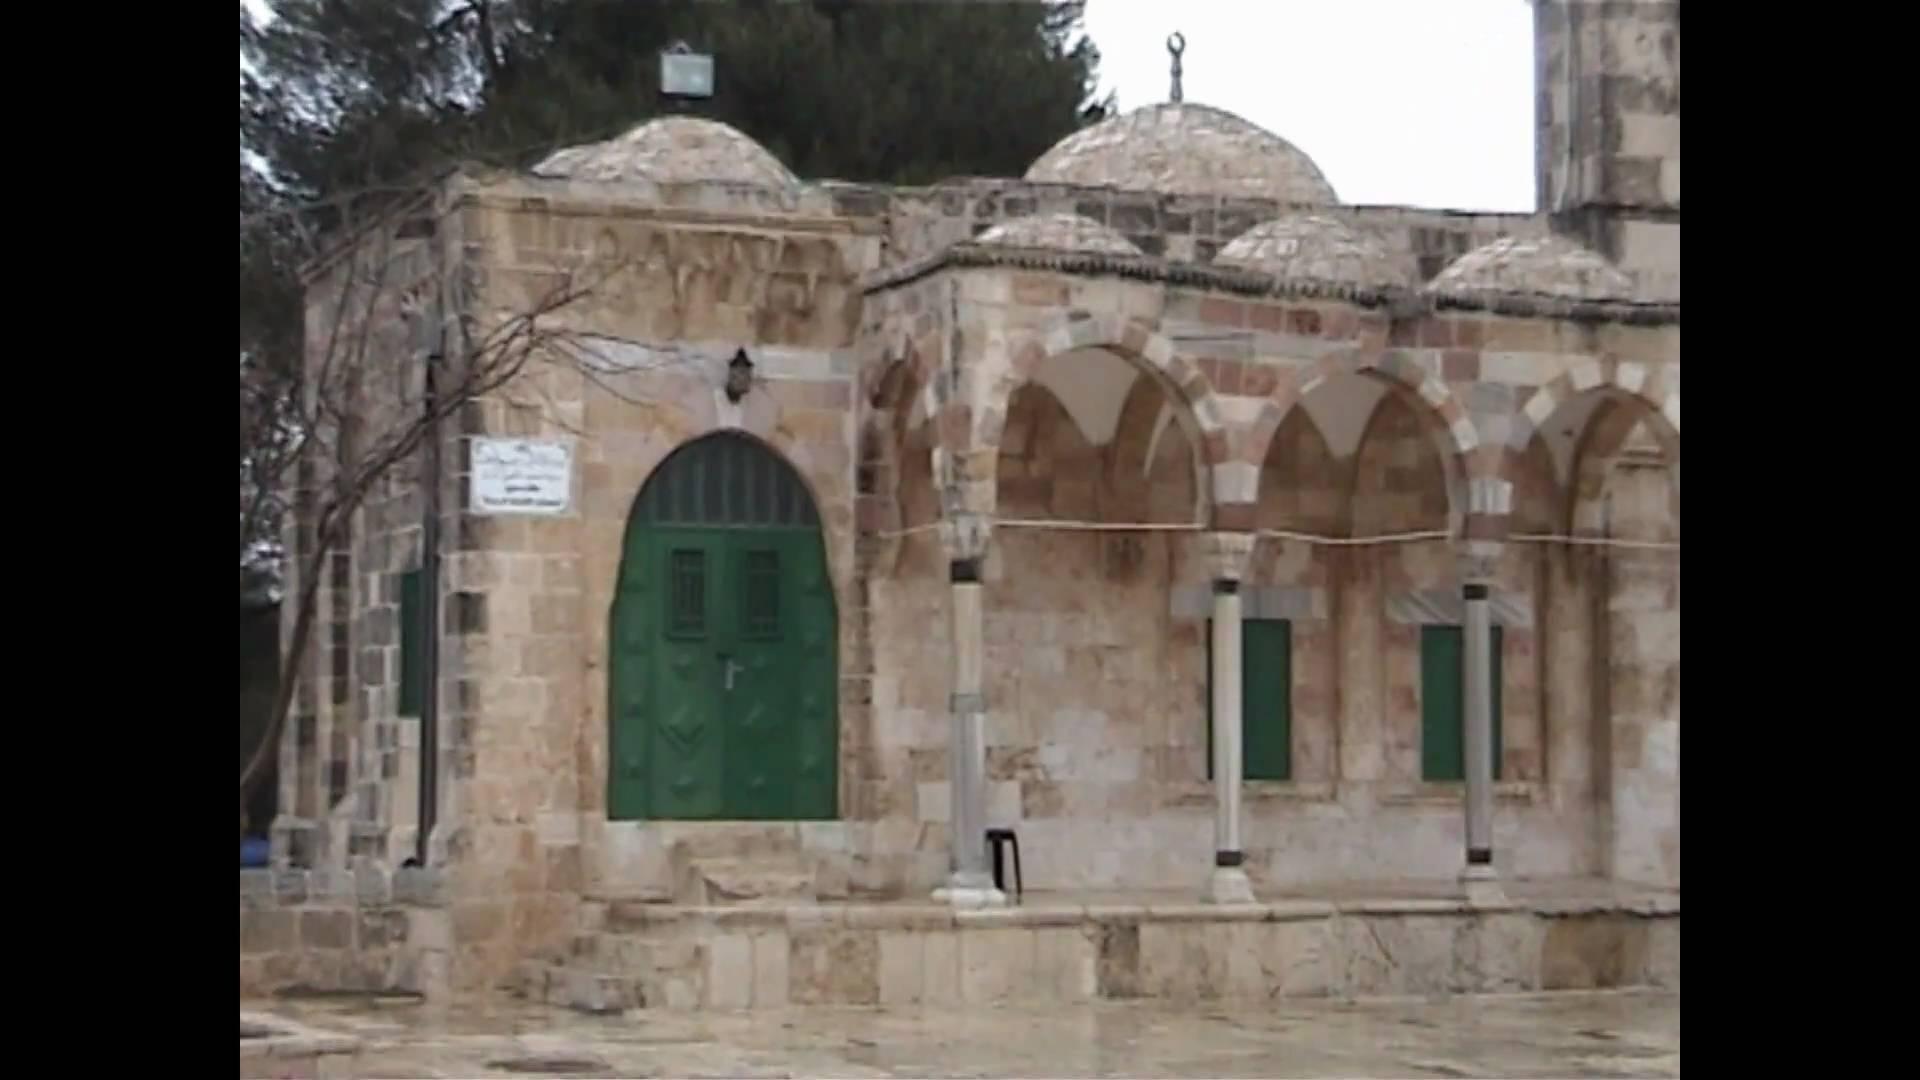 بالصور صور المسجد الاقصى , اجمل صور للمسجد الاقصى 1177 7